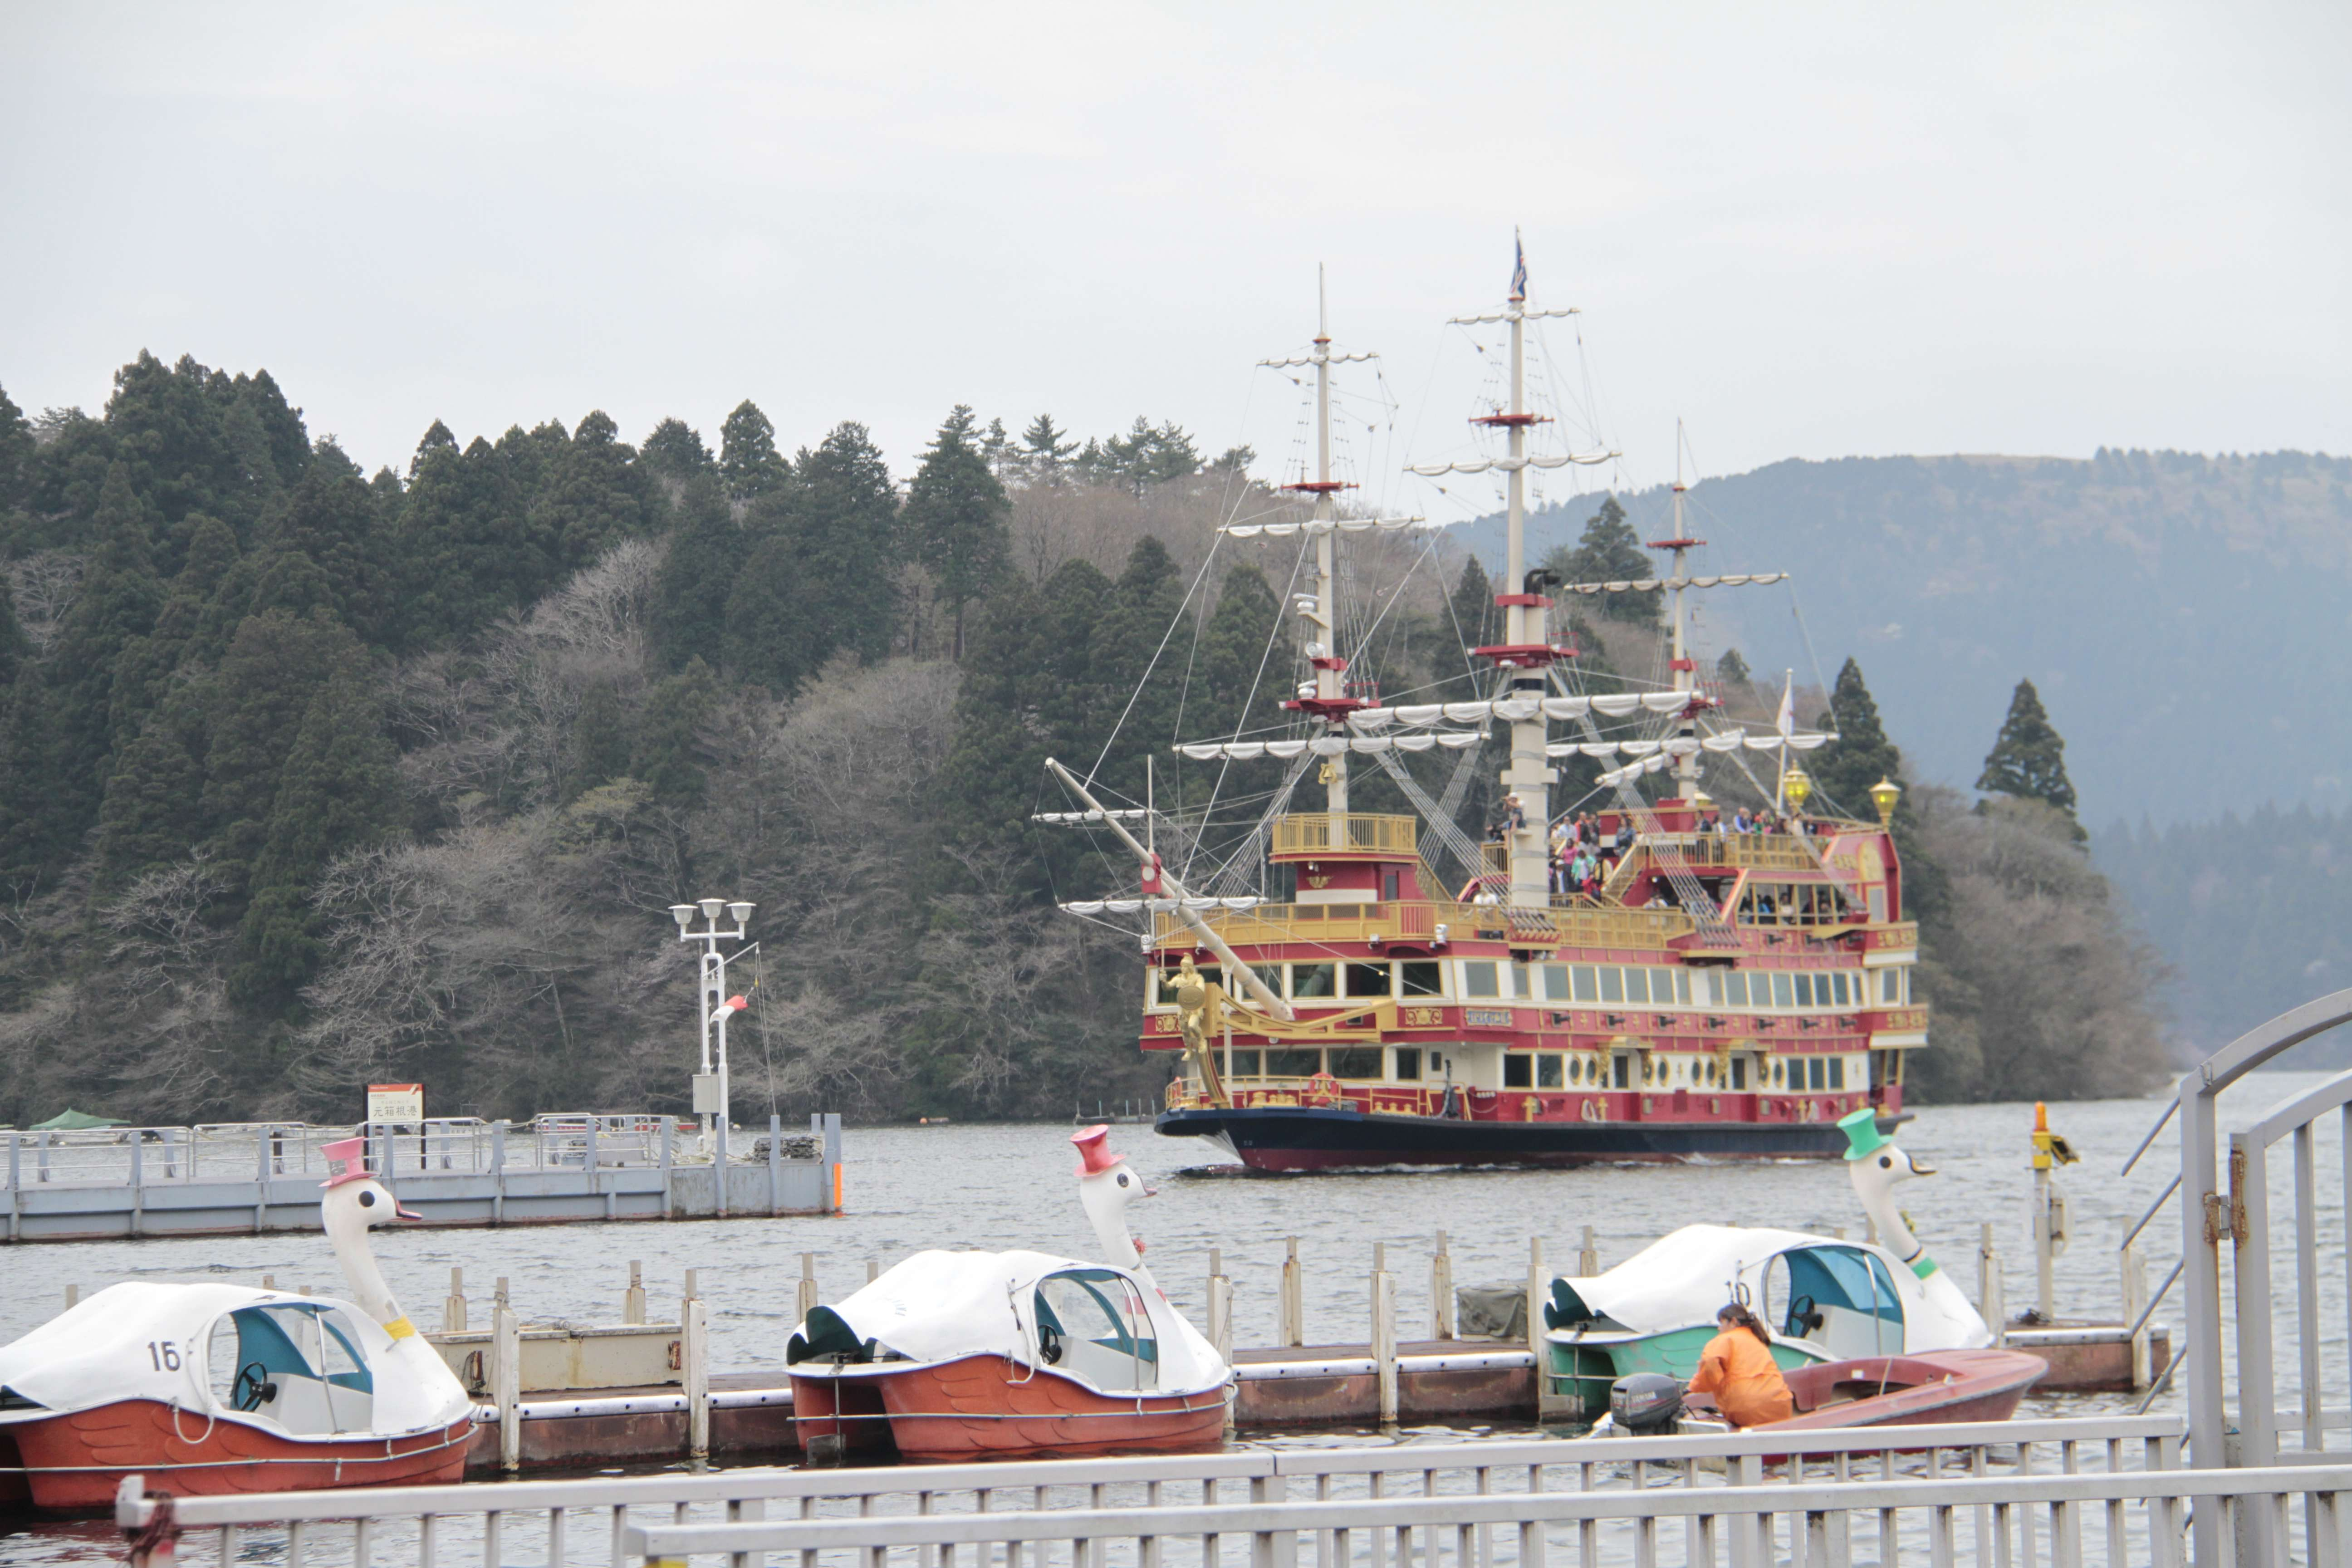 Japon avril 2017_0327 Hakone lac Ashi